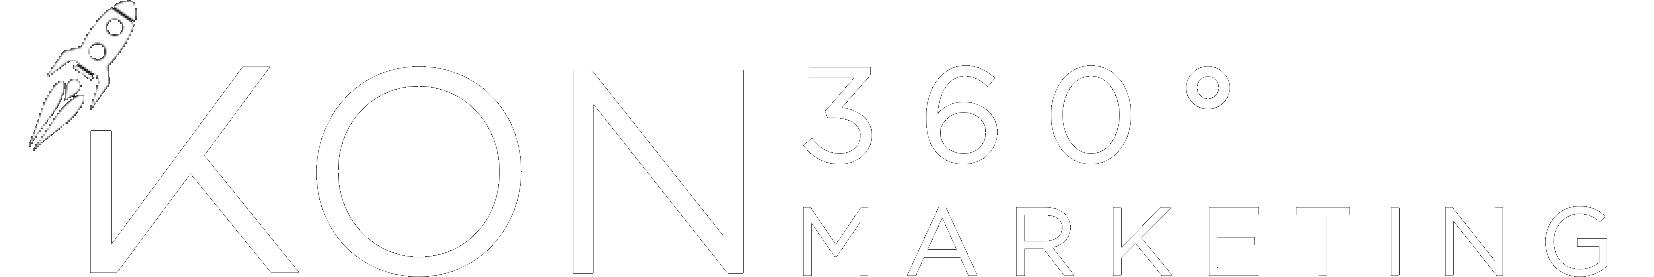 ikon-logo-123123